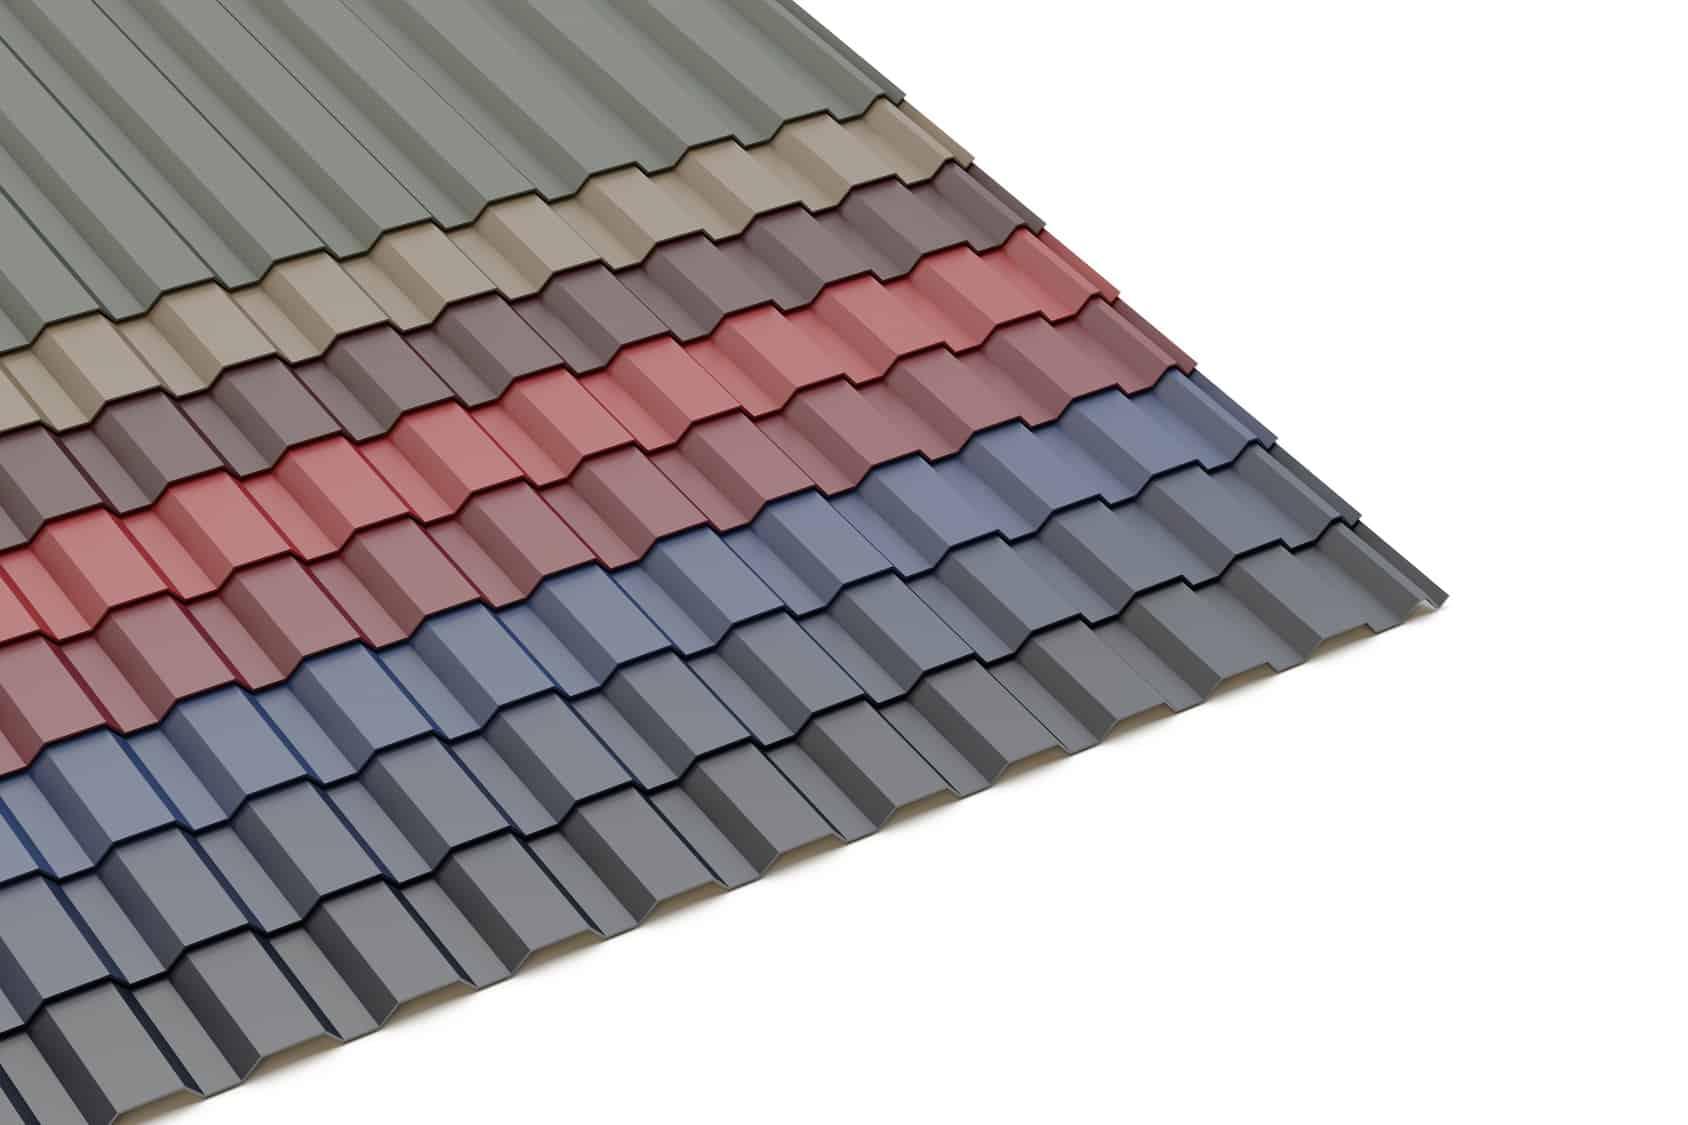 Conseils pour la peinture de toiture - Monde Immobilier